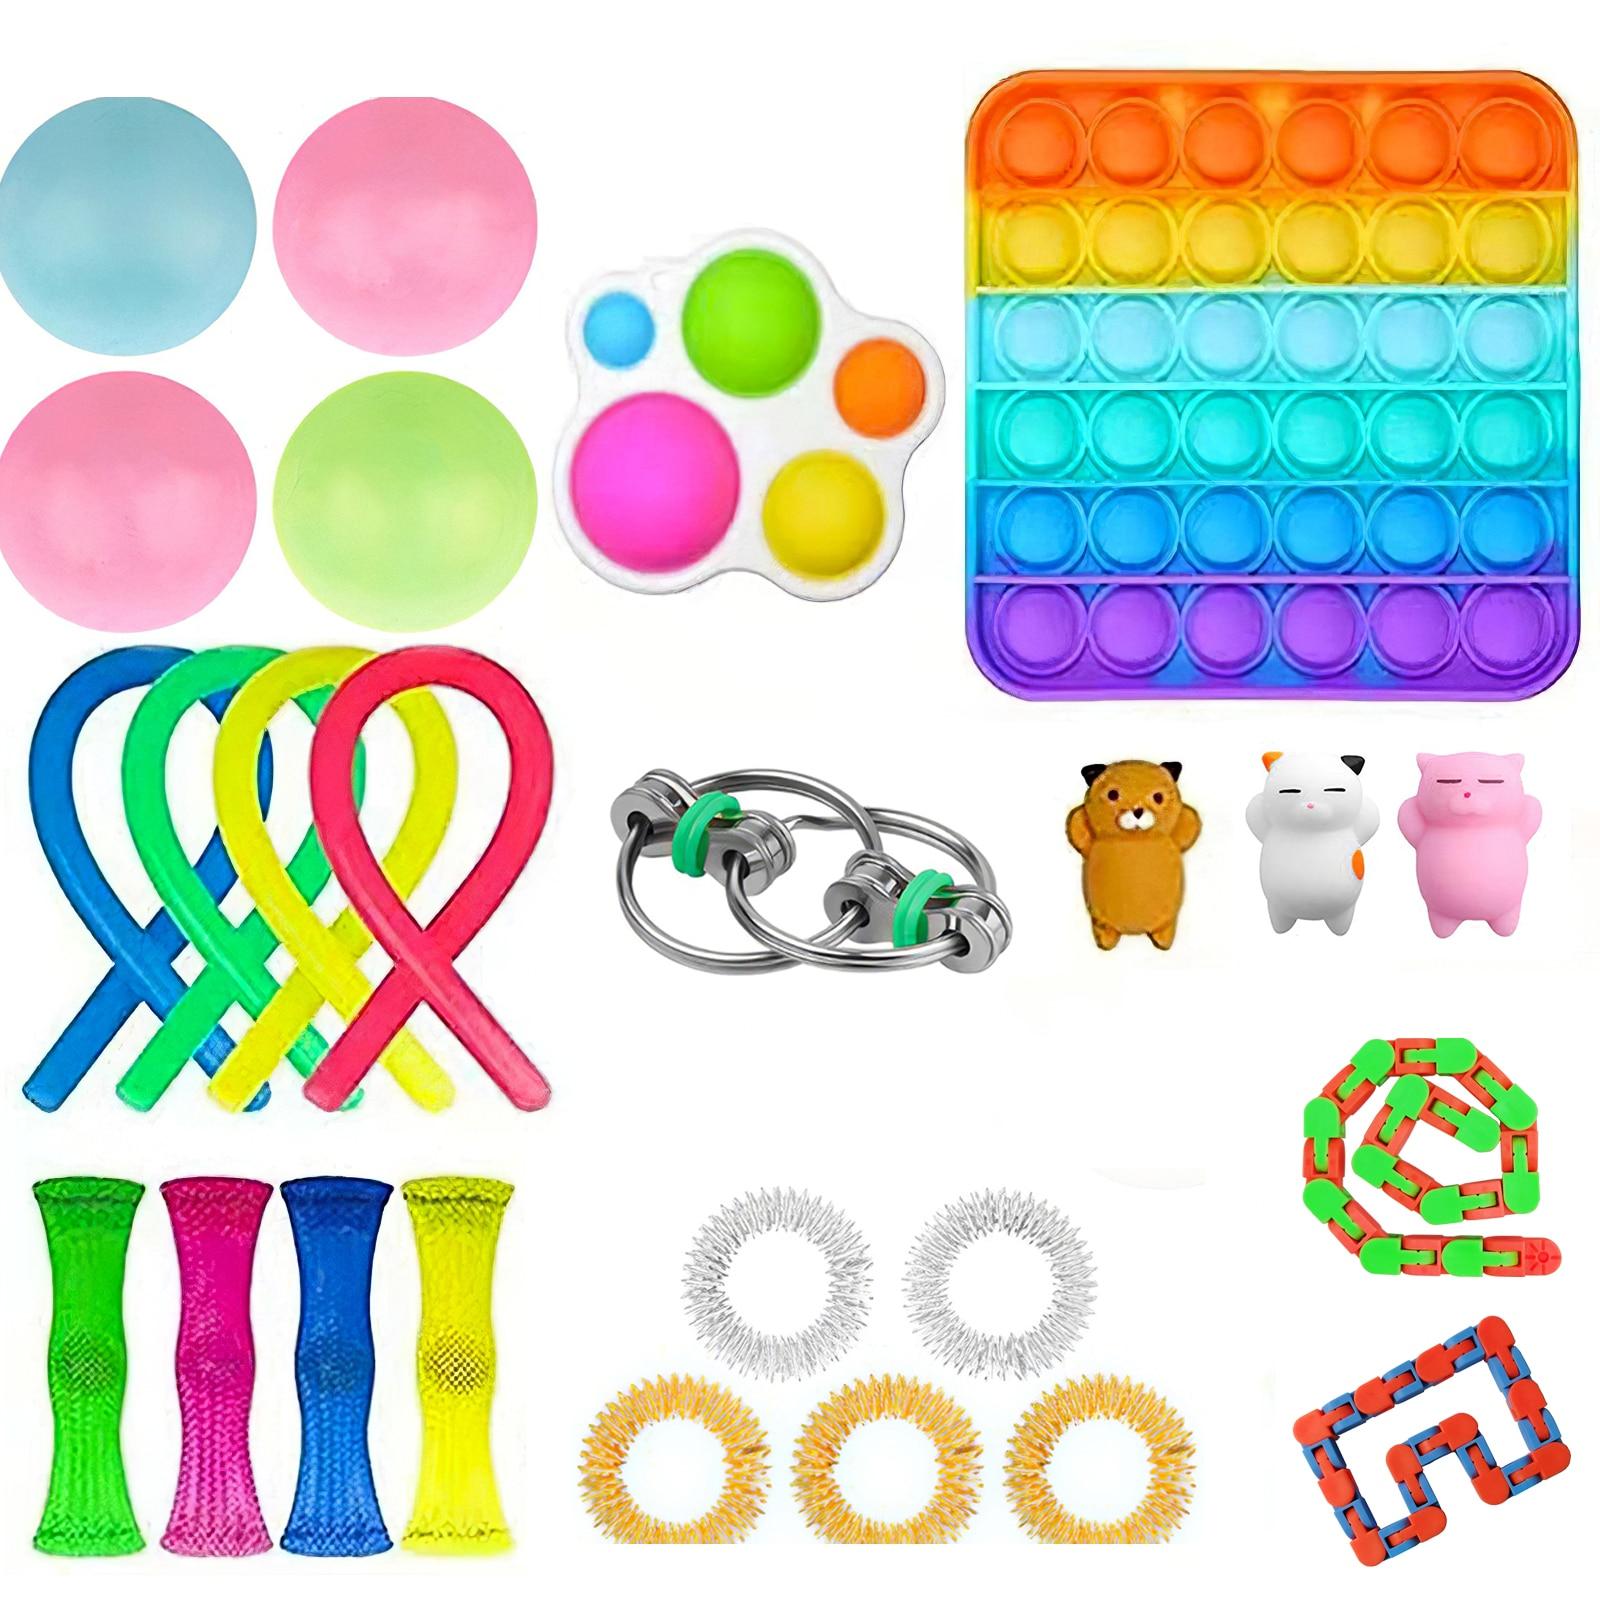 20/25PCS Paket Zappeln Sensorischen Spielzeug Set Nudel Seil Anti-Stress Set Vent Dekompression Spielzeug AutismTong Entlasten angst Kinder Erwachsene